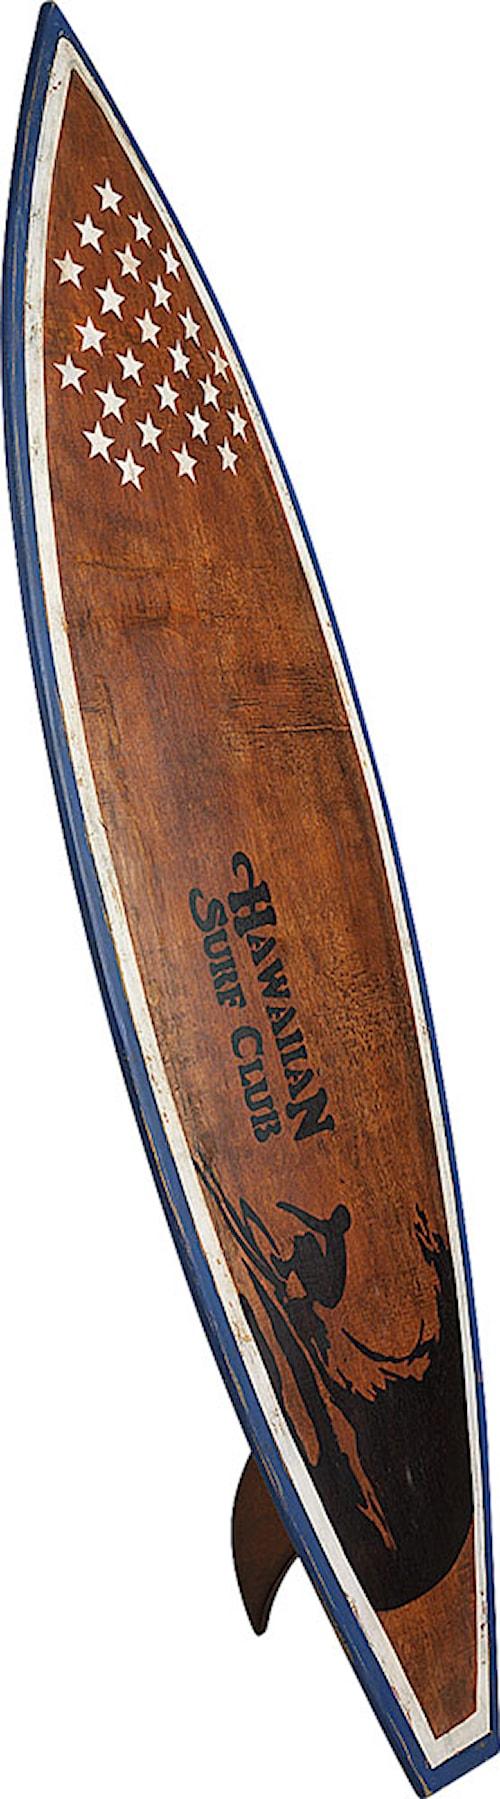 Surf Board - brun